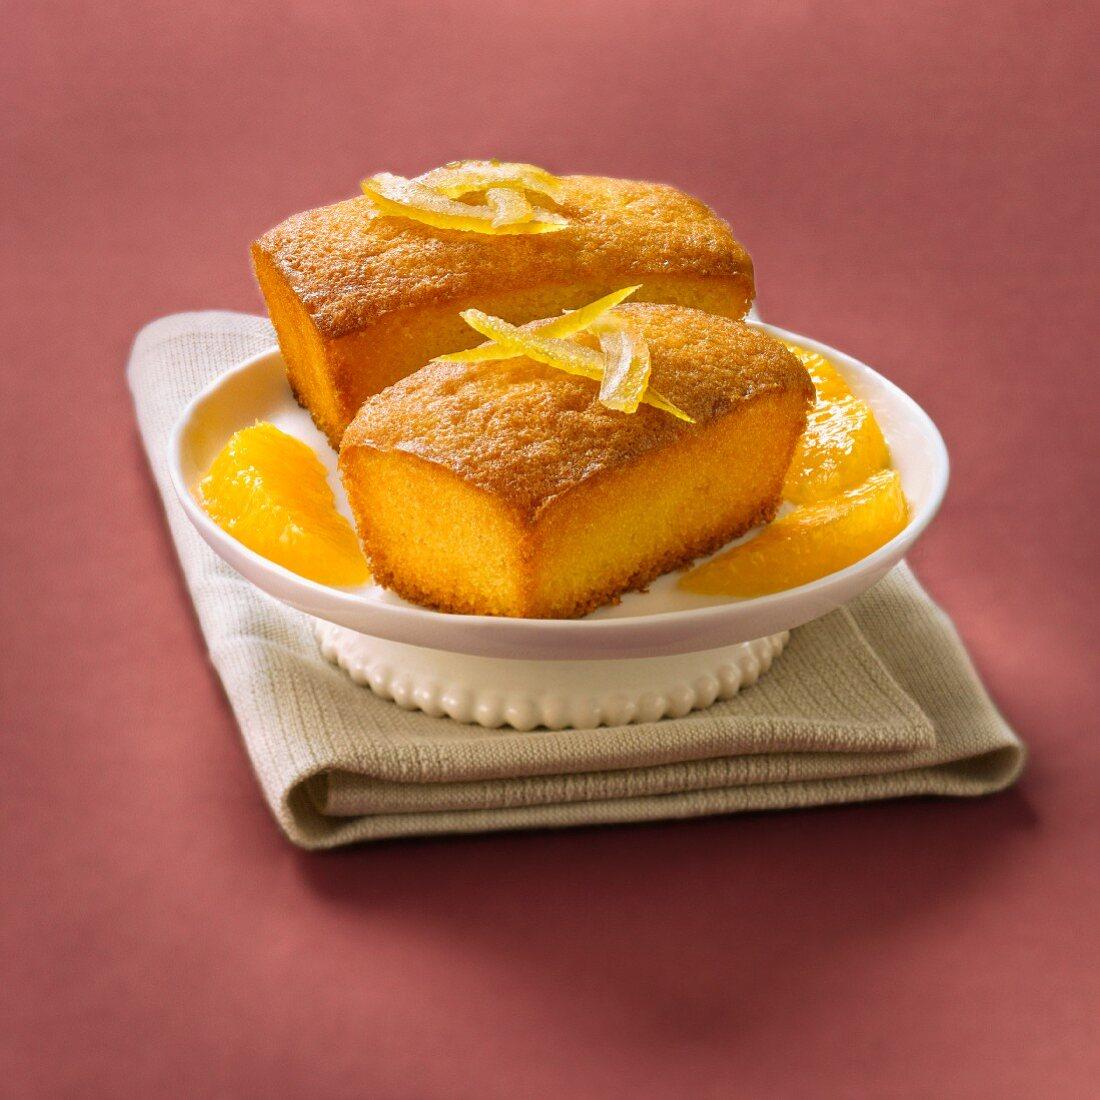 Small orange sponge cakes